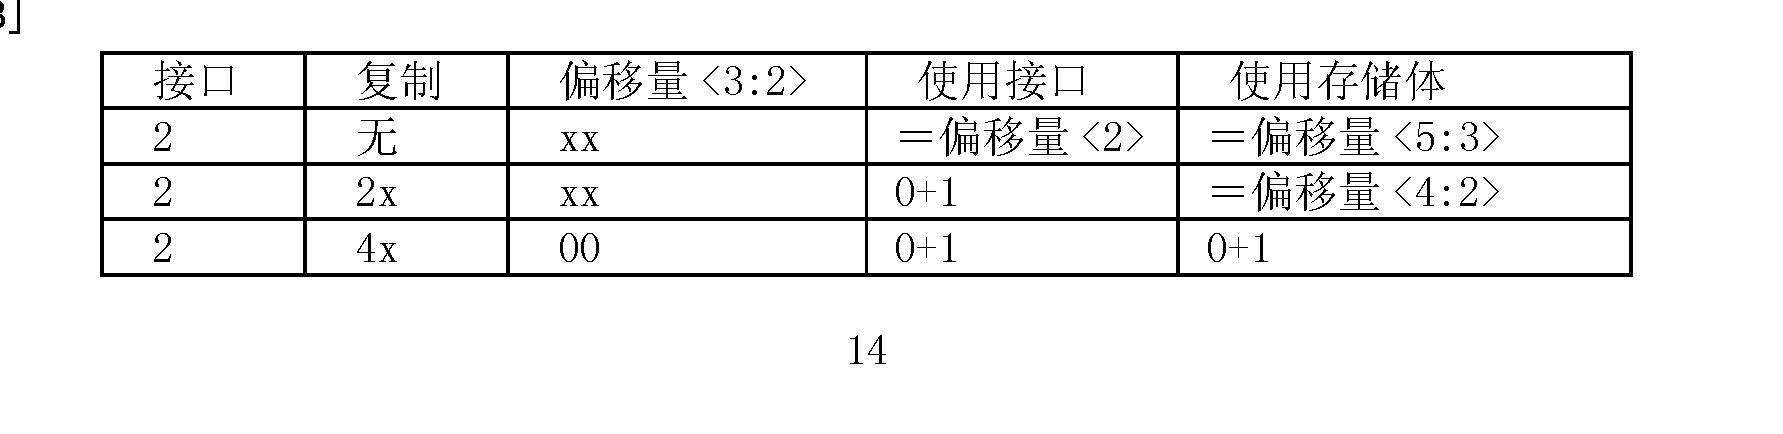 Figure CN101128804BD00141